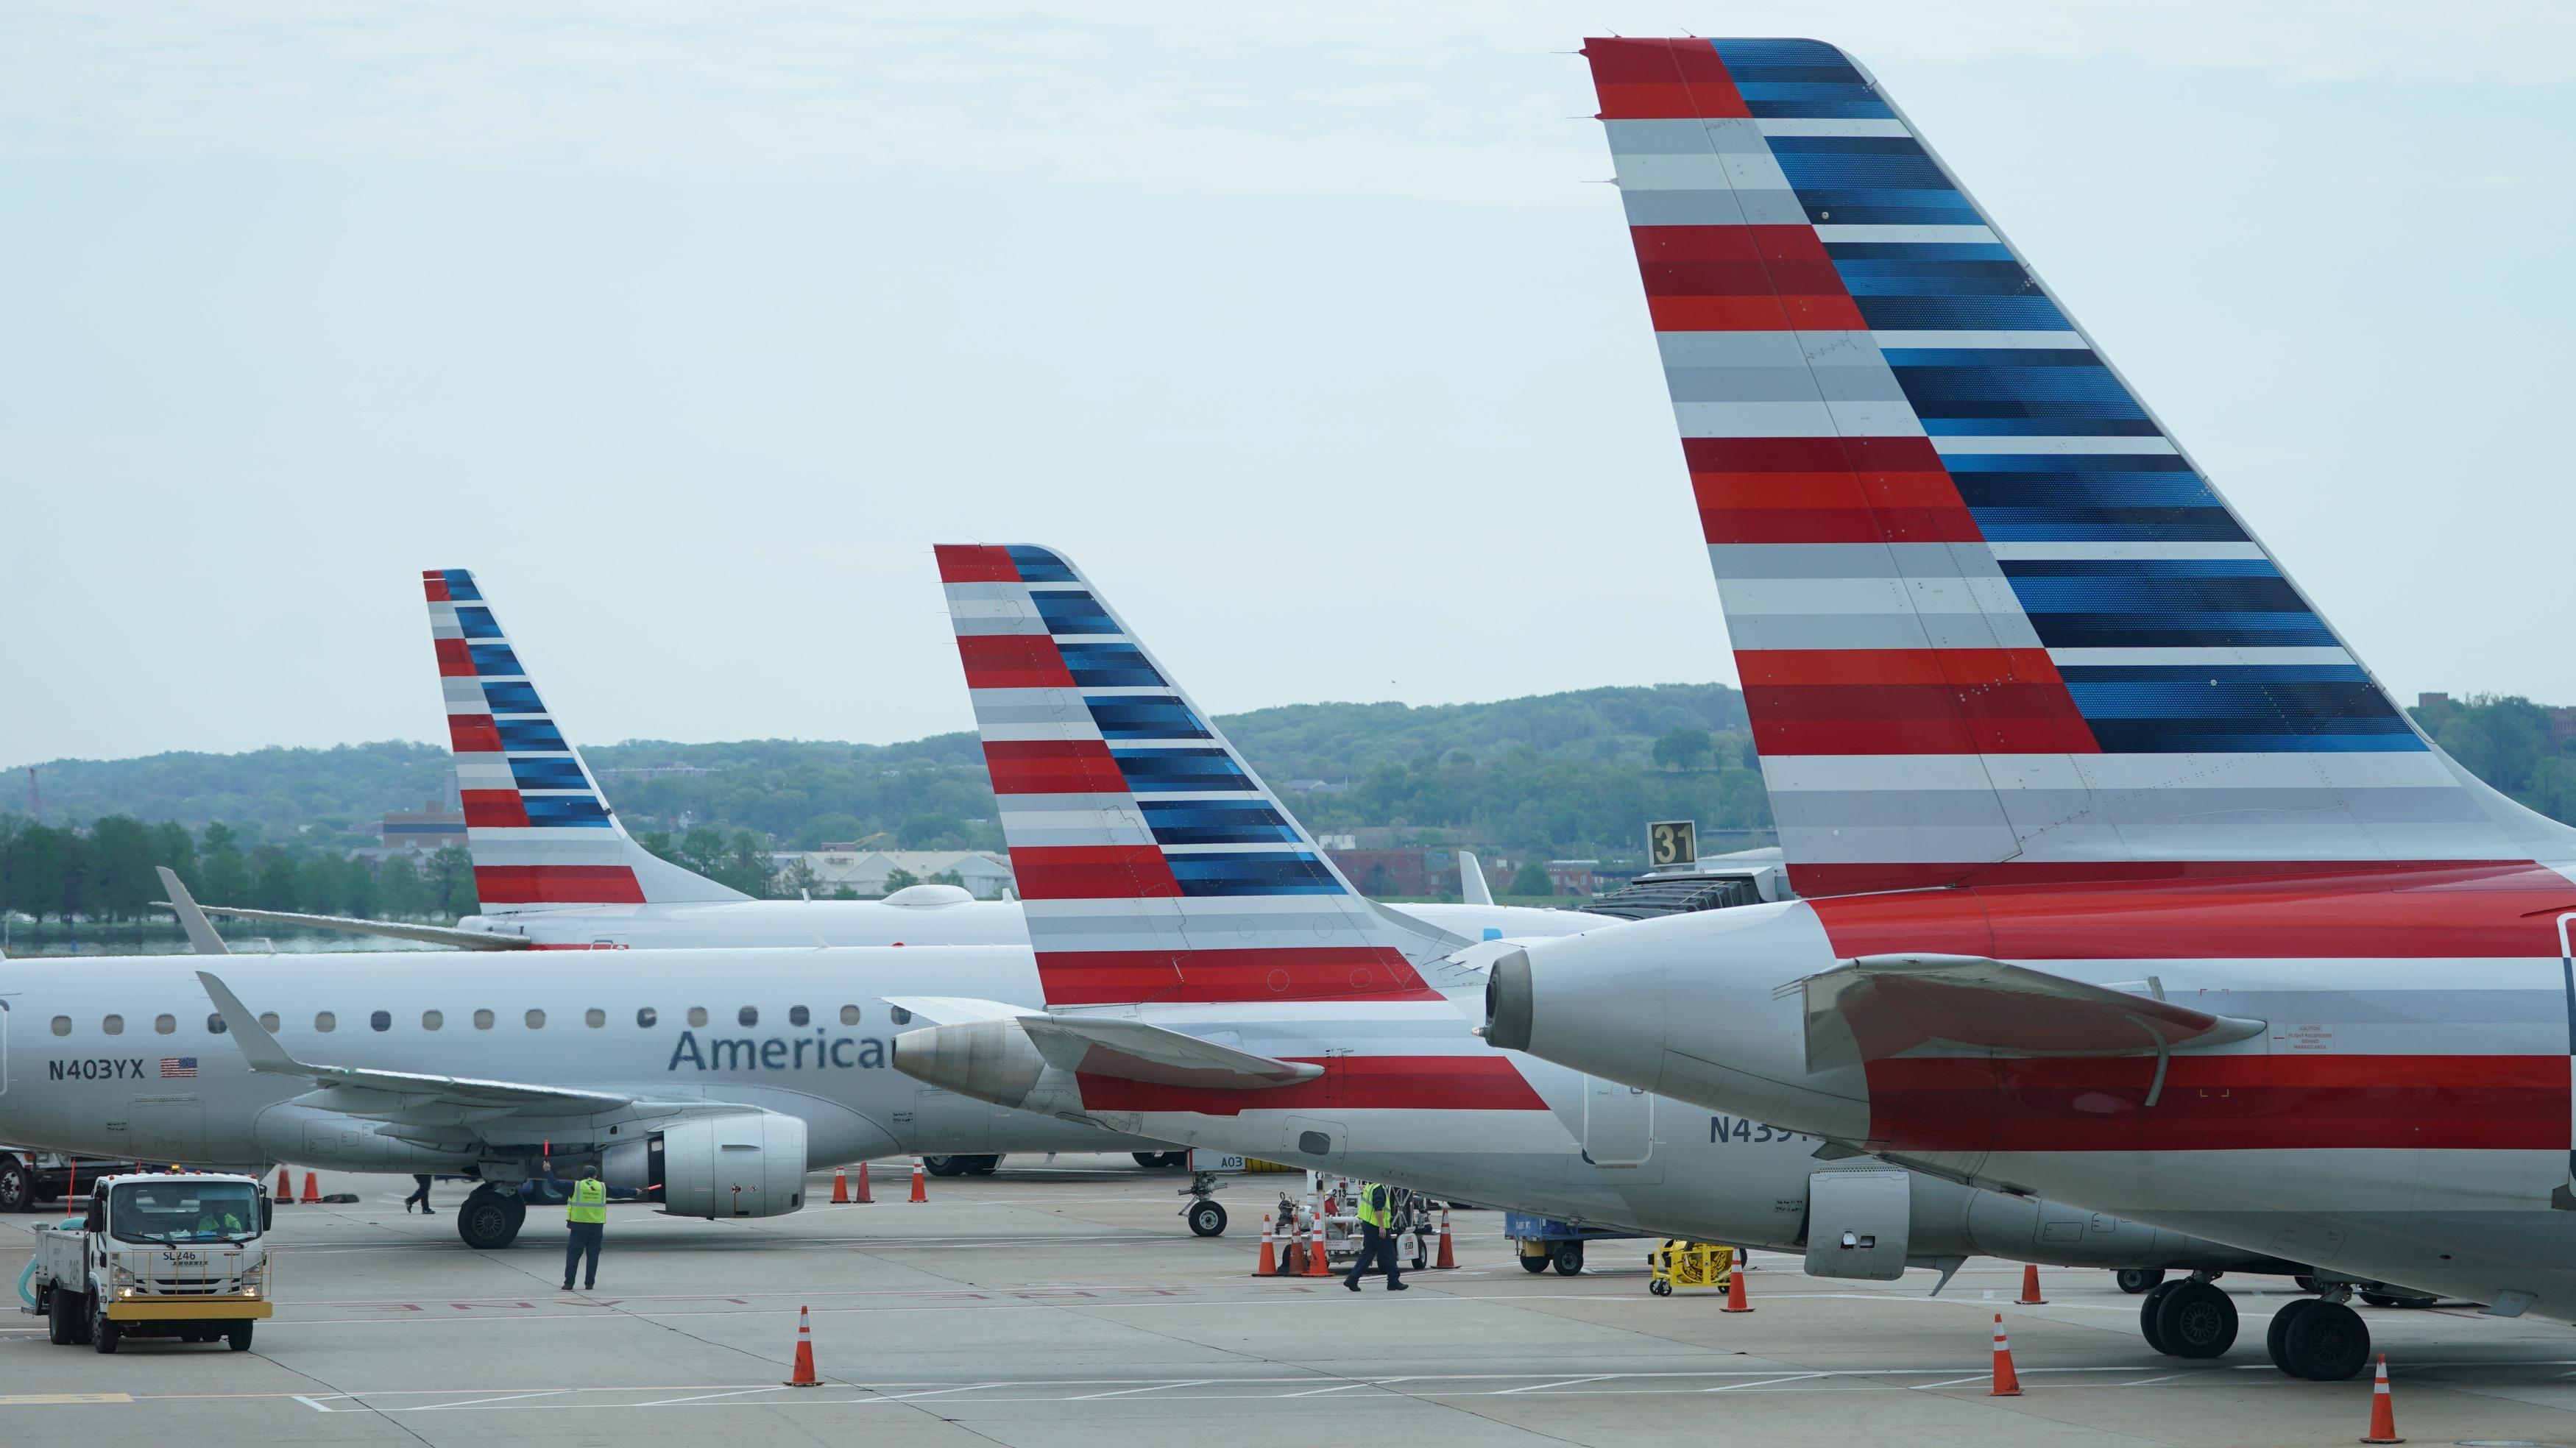 nikkei.com - Staff Writer - Coronavirus latest: American Airlines starts furloughing 19,000